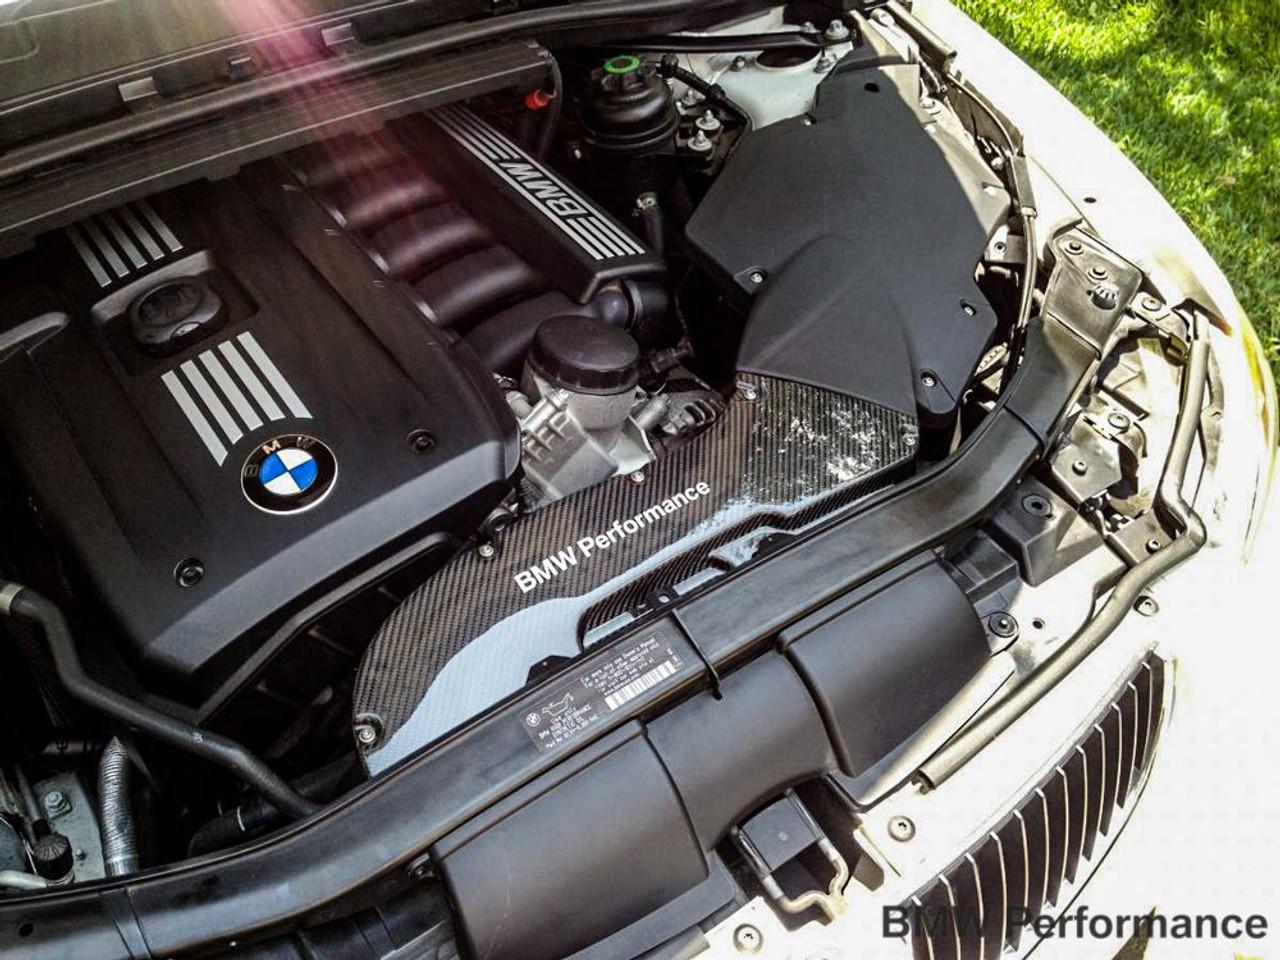 Bmw Performance Carbon Intake For 2006 12 325i 328i Xi 330i E90 E91 E92 E93 13720444751